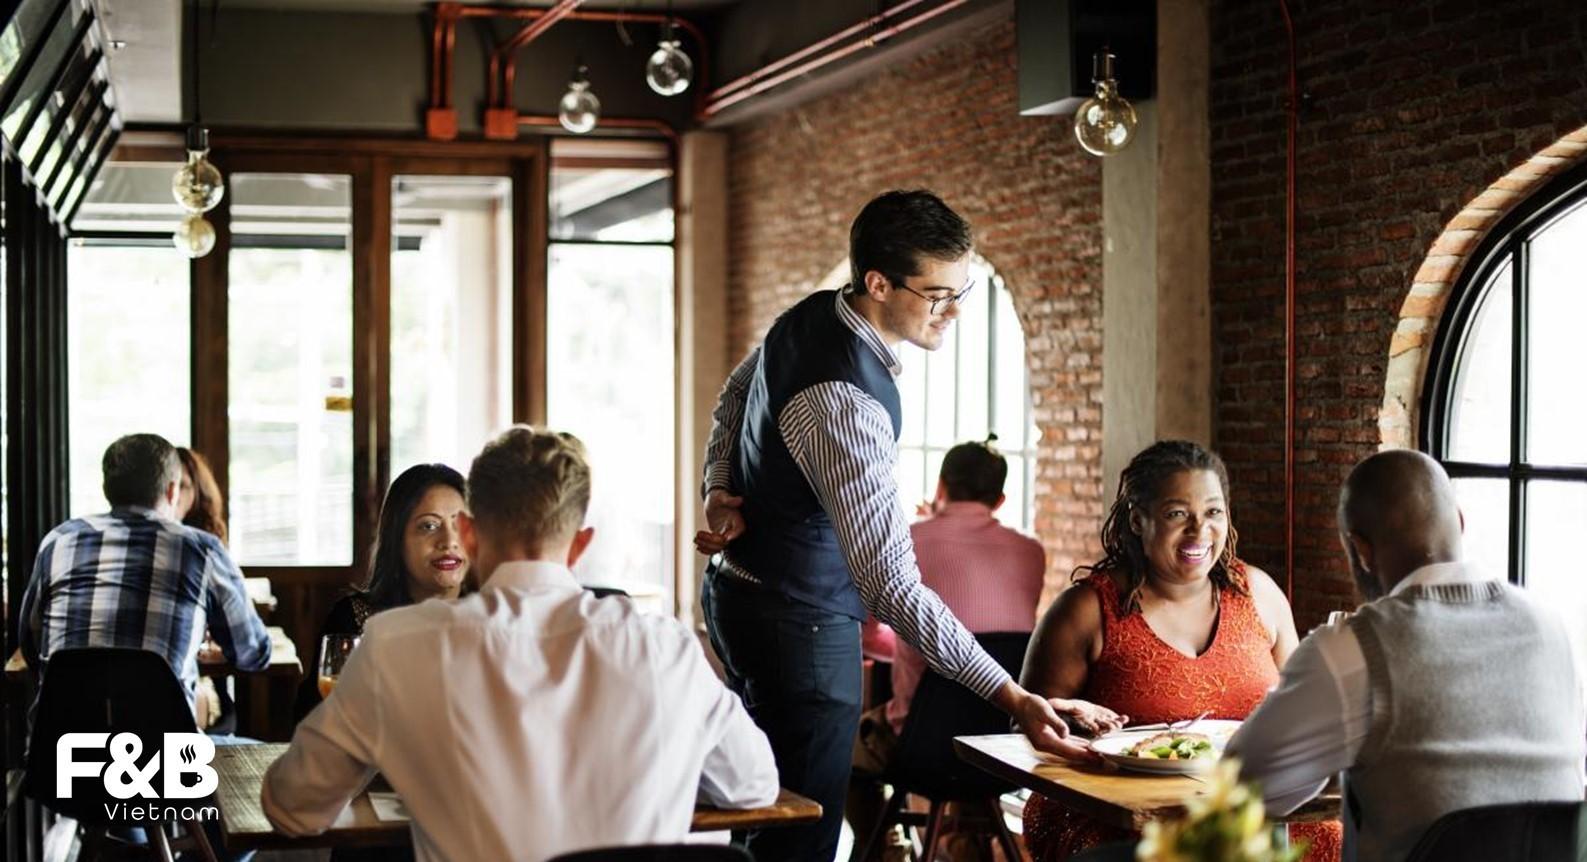 quy trình vận hành nhà hàng